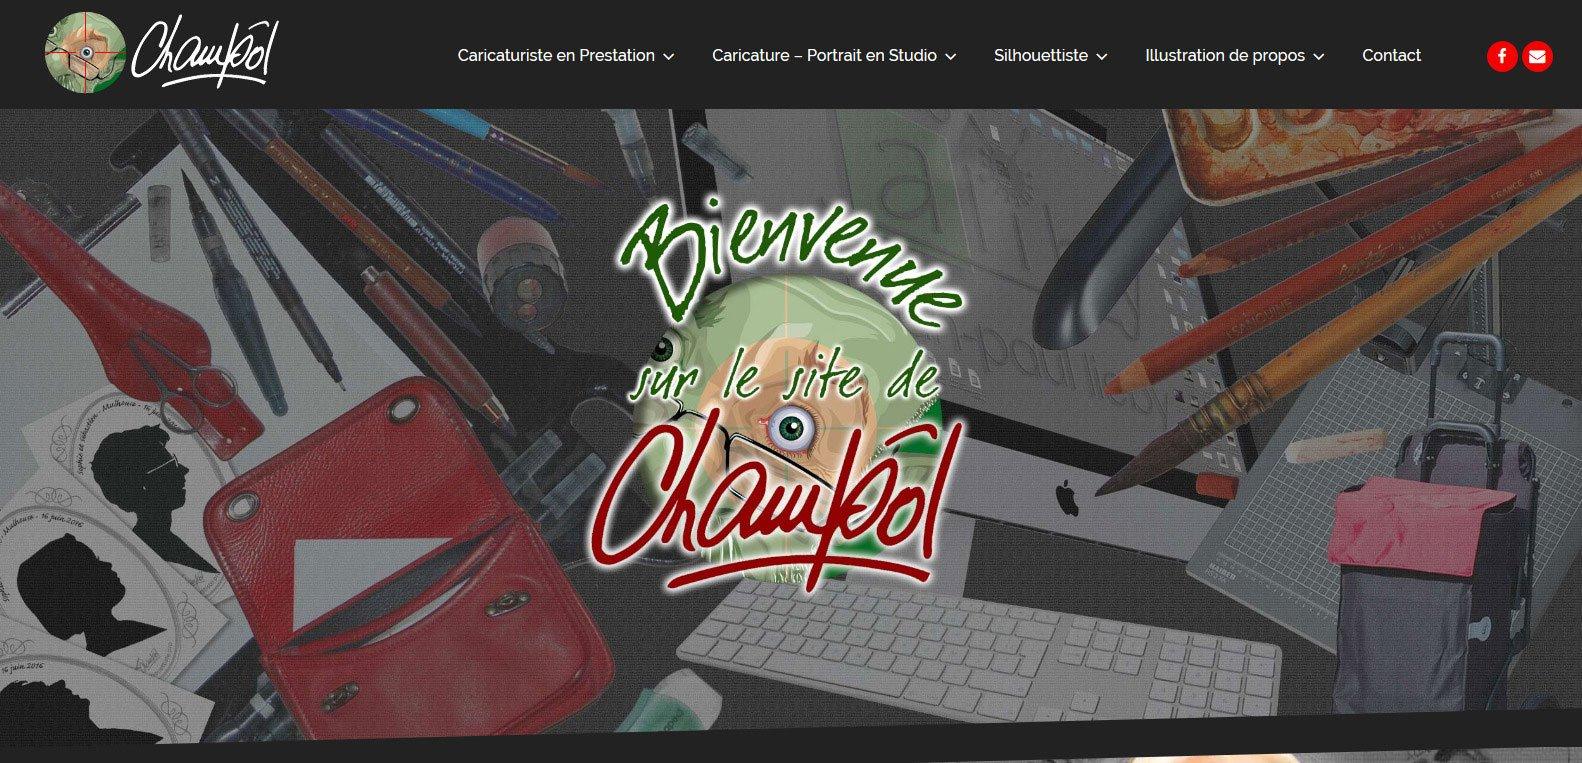 Champôl, caricaturiste, client Karedess, agence web situé à Mulhouse